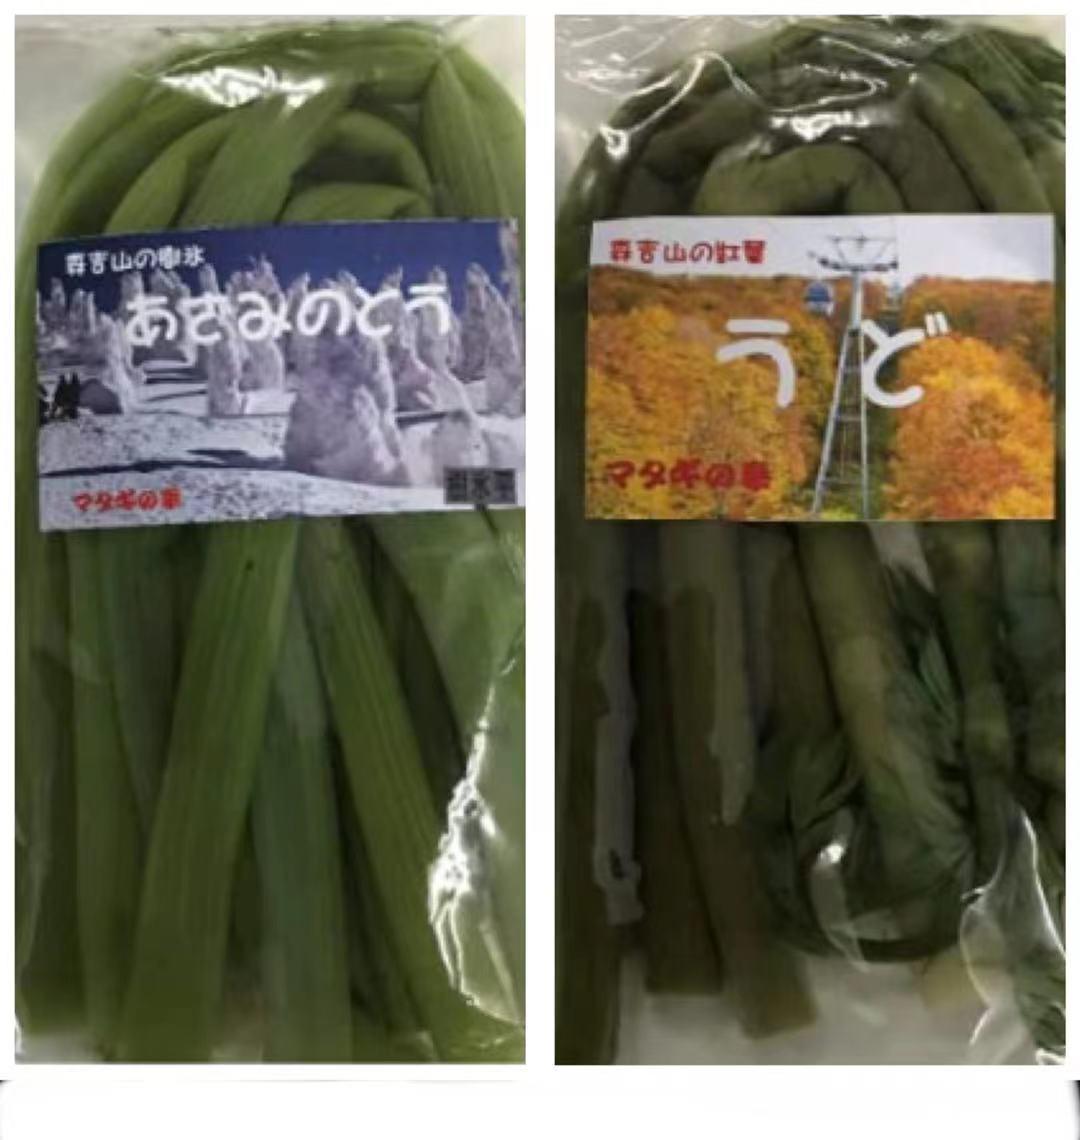 秋田県産 山菜 あさみのとう水煮200g うど水煮200g 各1袋 計2袋